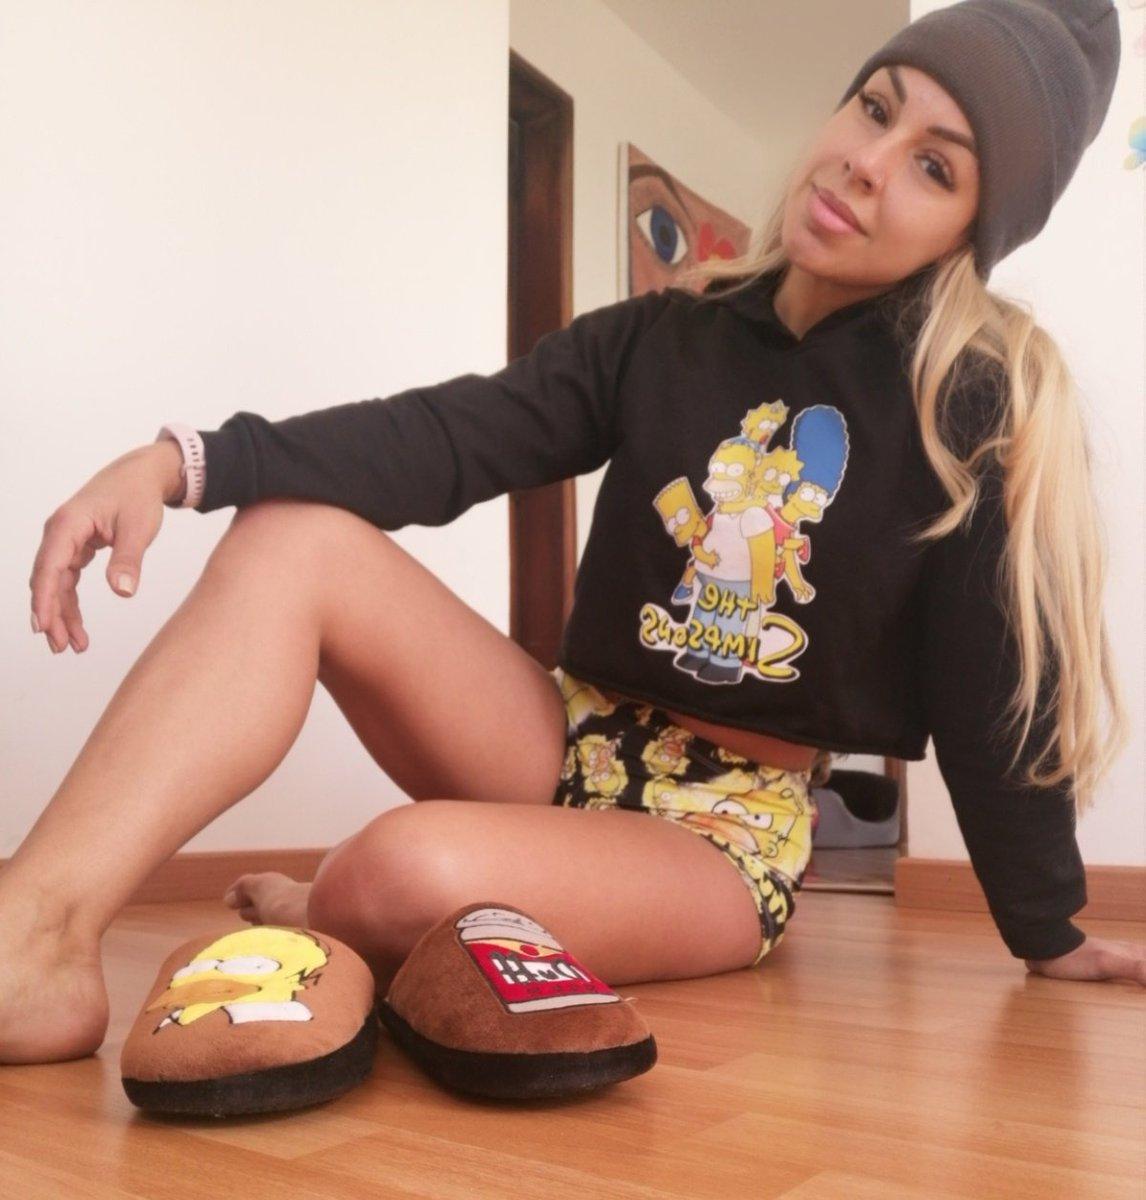 ¡Hoy si tocó baño (así no parezca)! El uniforme de trabajo  si es la pijama  tipo Chómpiras de los Simpsonitos.... 🤣⠀ Hoy martes está como dura la arrancada, no meto cambio.🤪🥴⠀ ⠀ ¿Ustedes como van?⠀ ⠀ #Maía #Simpson #simpsons #Colombia https://t.co/iwjiN7yxW3